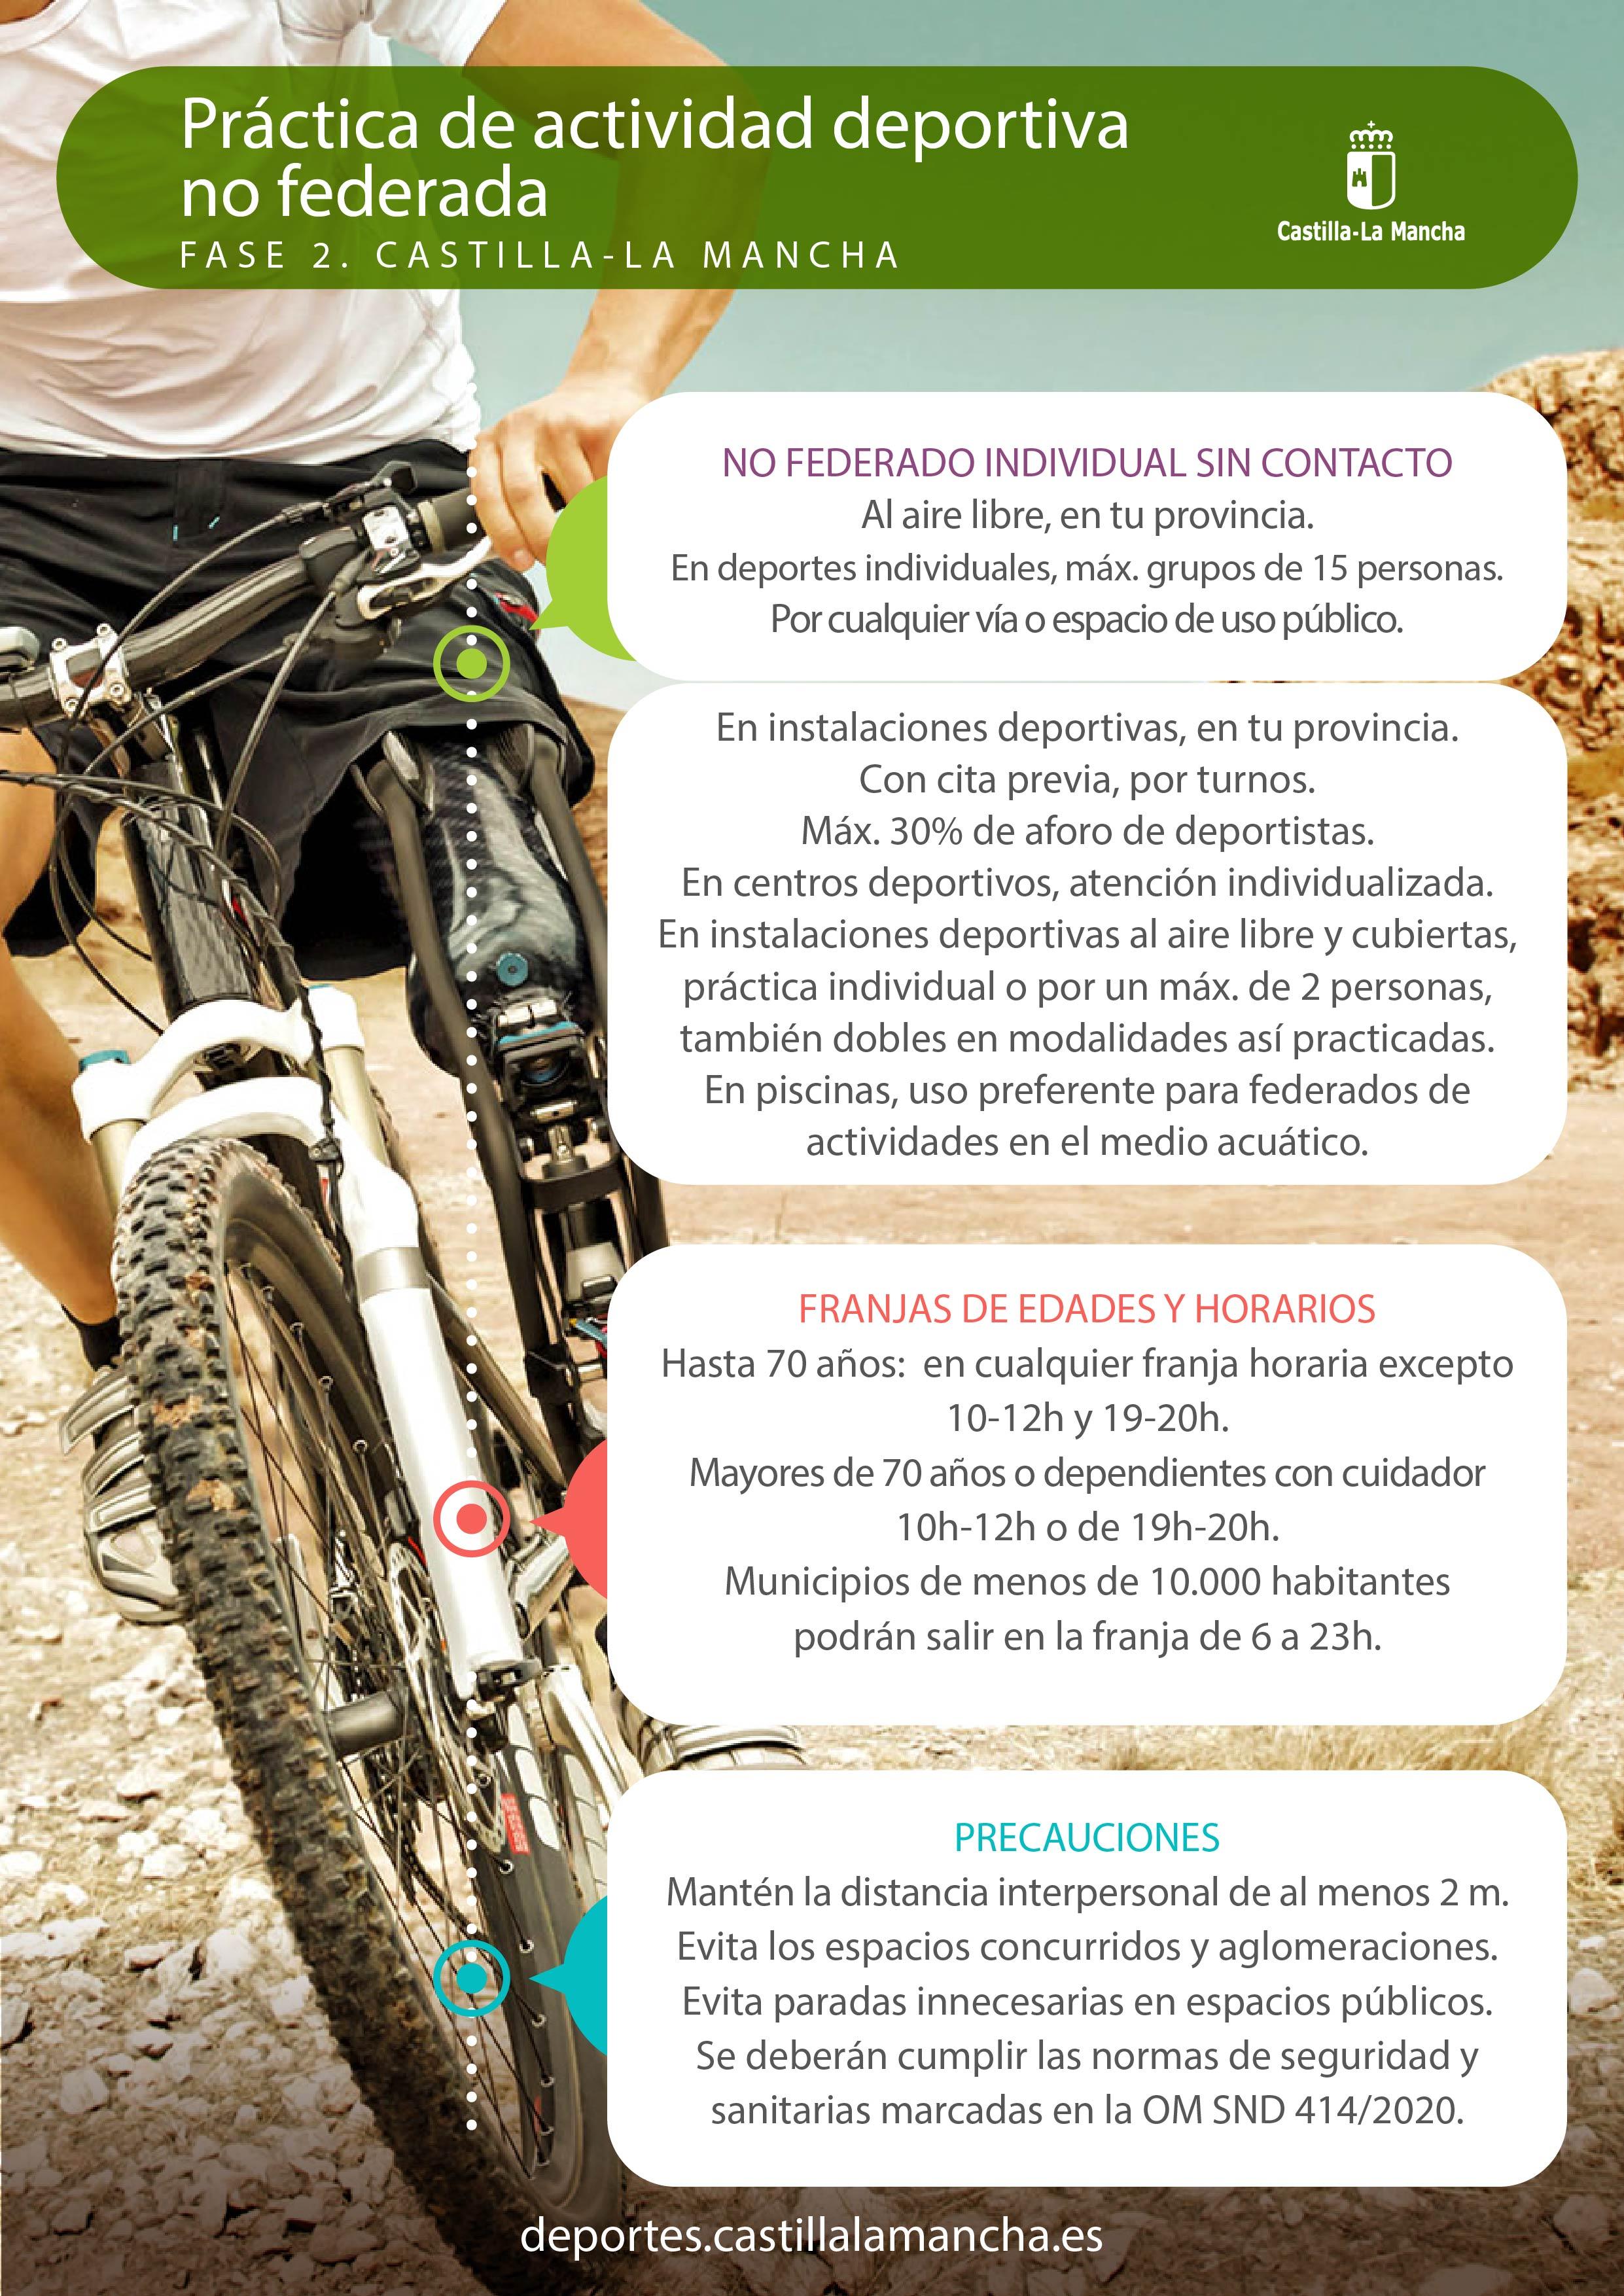 Fase 2 - CLM- Deporte no federado (01/06/2020)